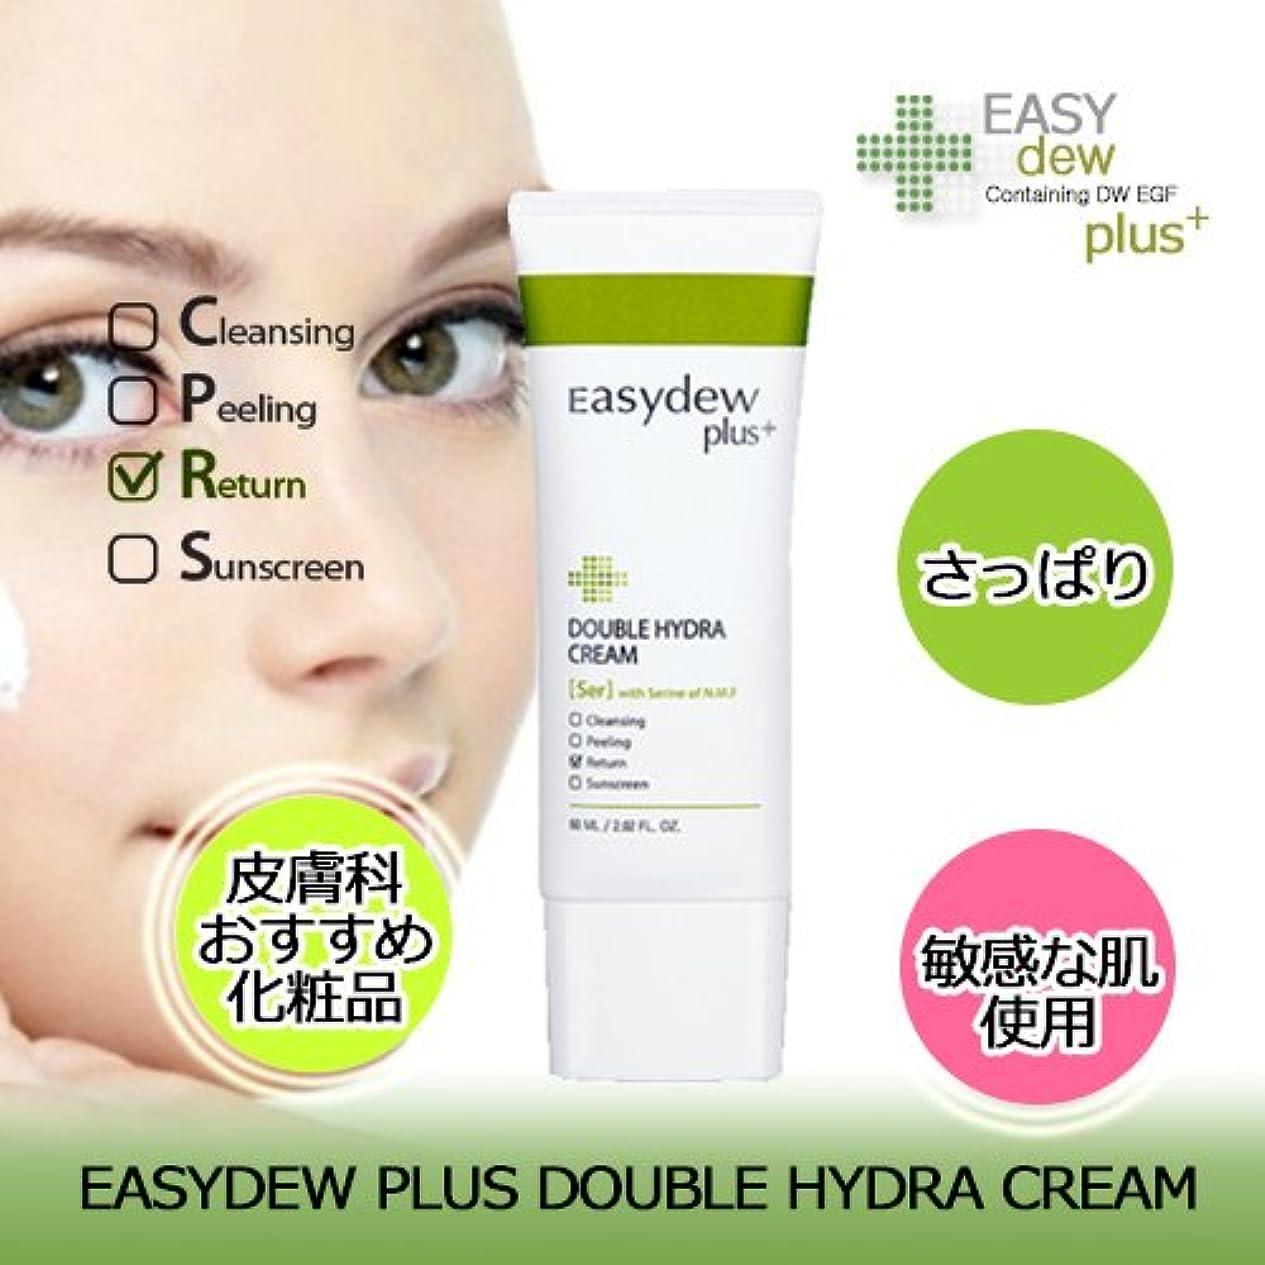 暖かく放射する資格EASYDEW plus【イージーデュープラスダブルハイドラクリーム 60ml】 easydew plus double hydra cream 60ml